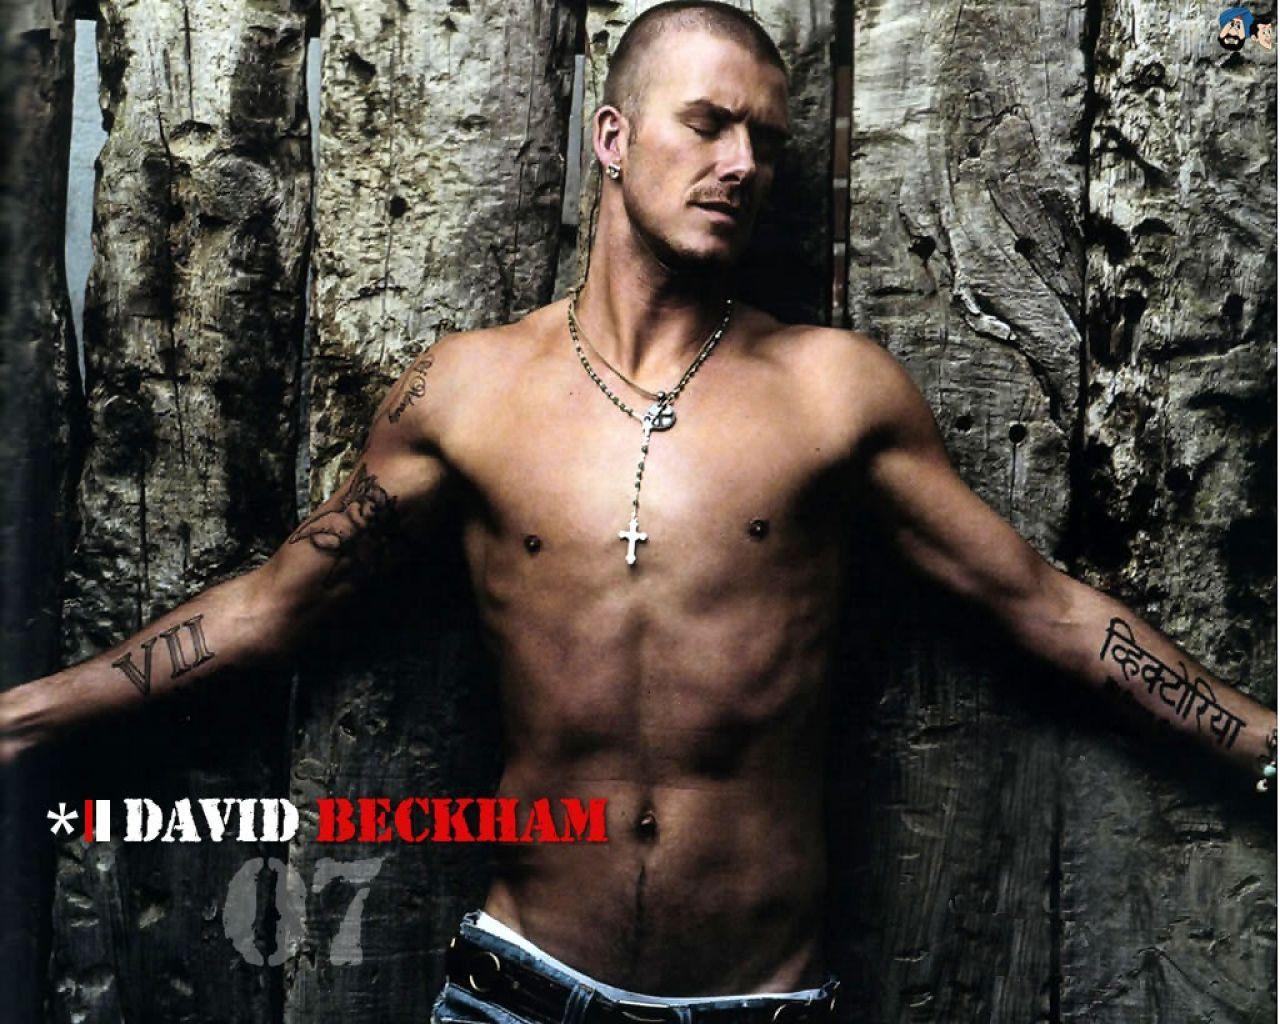 http://4.bp.blogspot.com/-GH-wJZedHn8/TijqyrWHY1I/AAAAAAAAAcU/9ccUy3UsH0I/s1600/Metroseksual.jpg